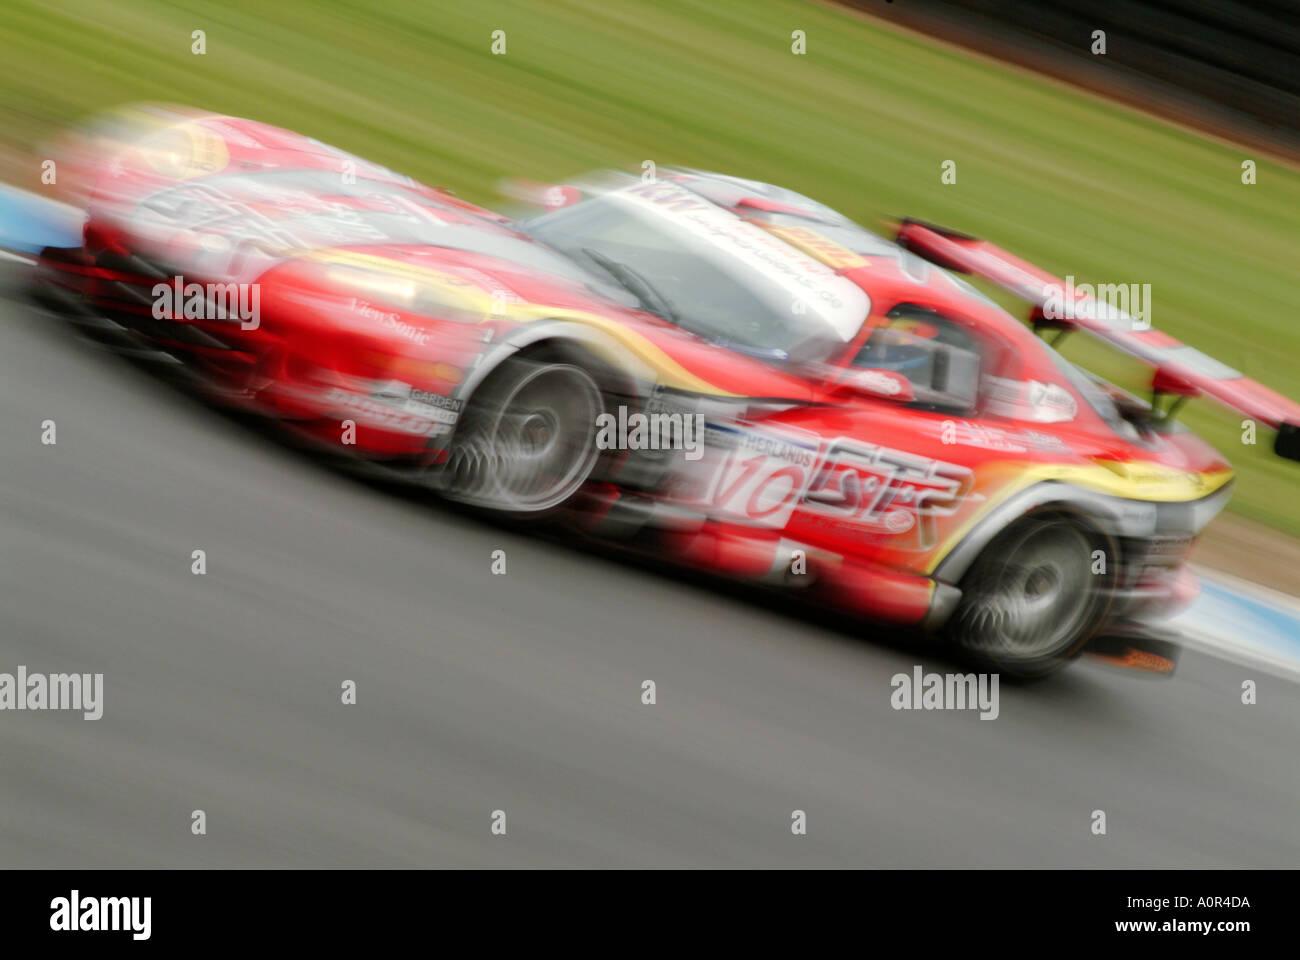 Dodge Viper racing carrera de autos Motor Sport auto win riesgo perder potencia Velocidad rápida de movimiento motion blur potencia motor riesgo para la competencia Imagen De Stock